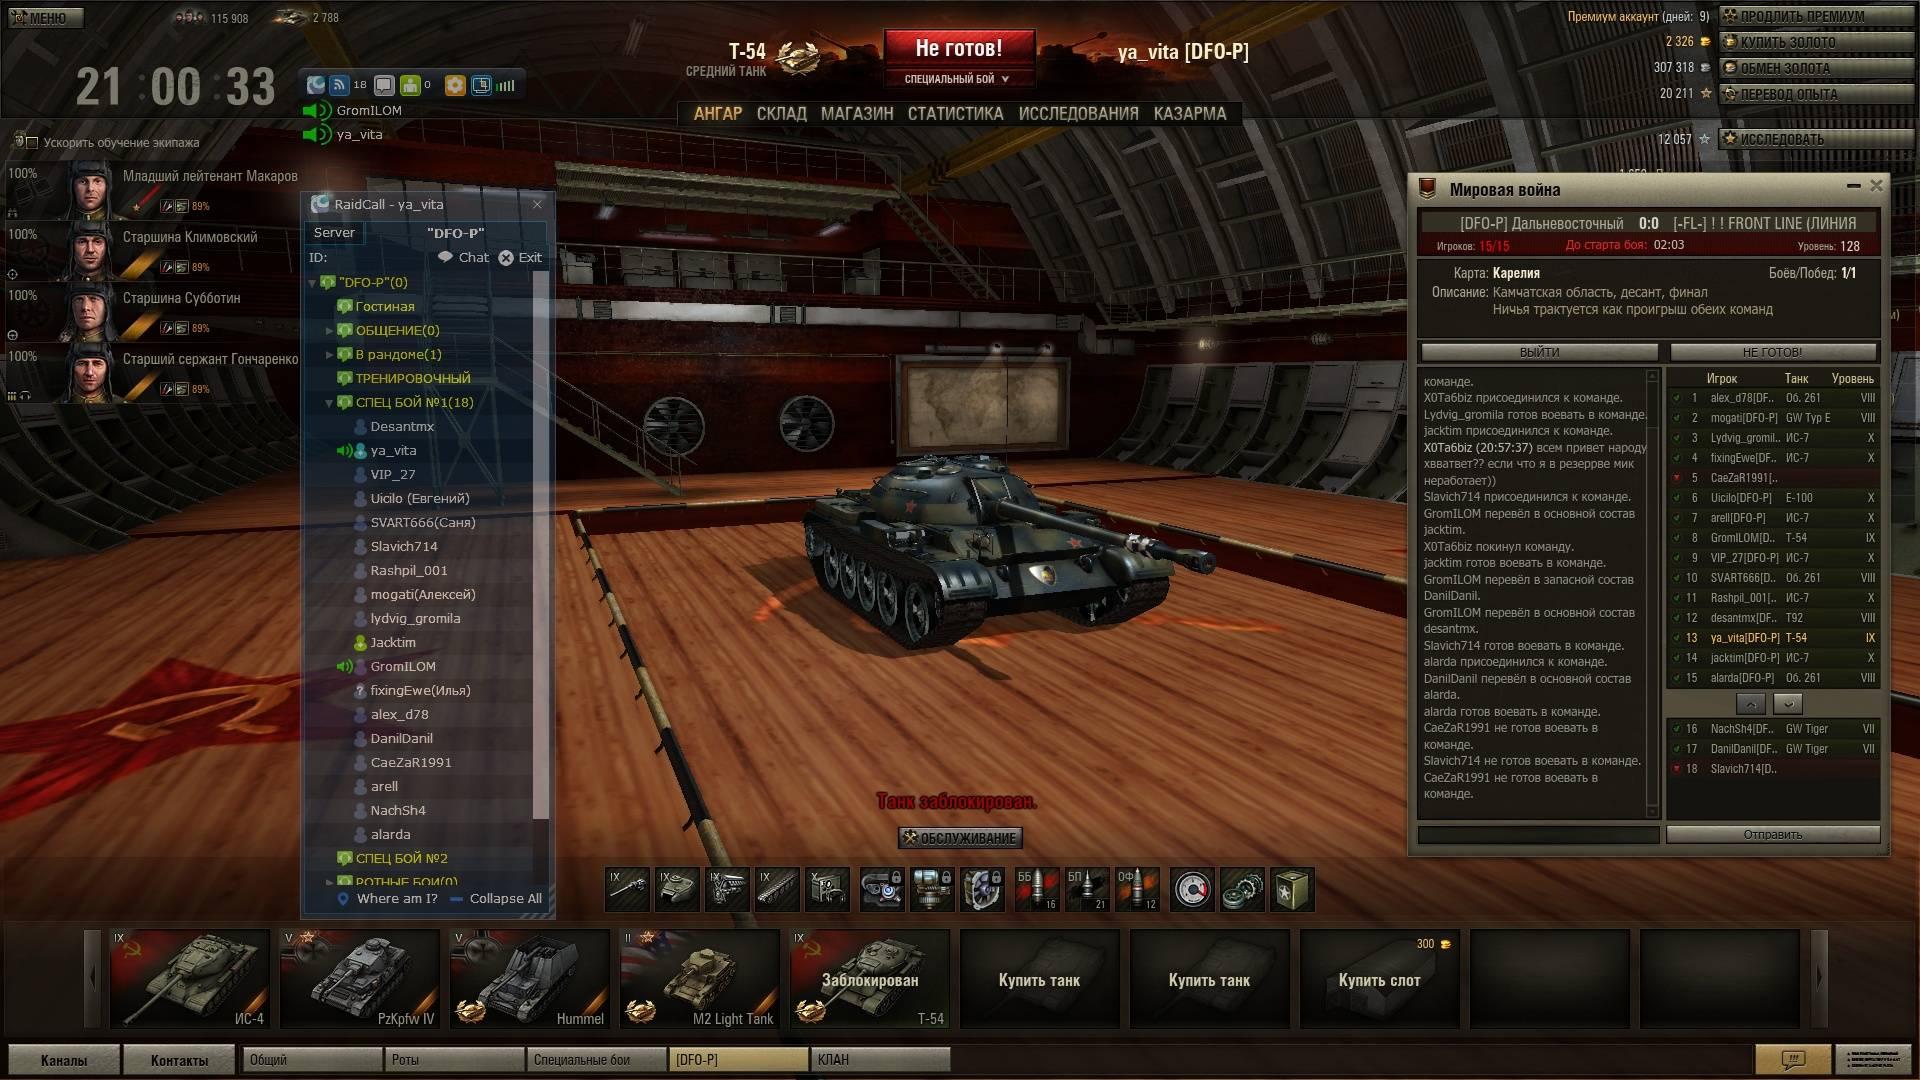 Как сделать мод ворлд оф танк фото 637